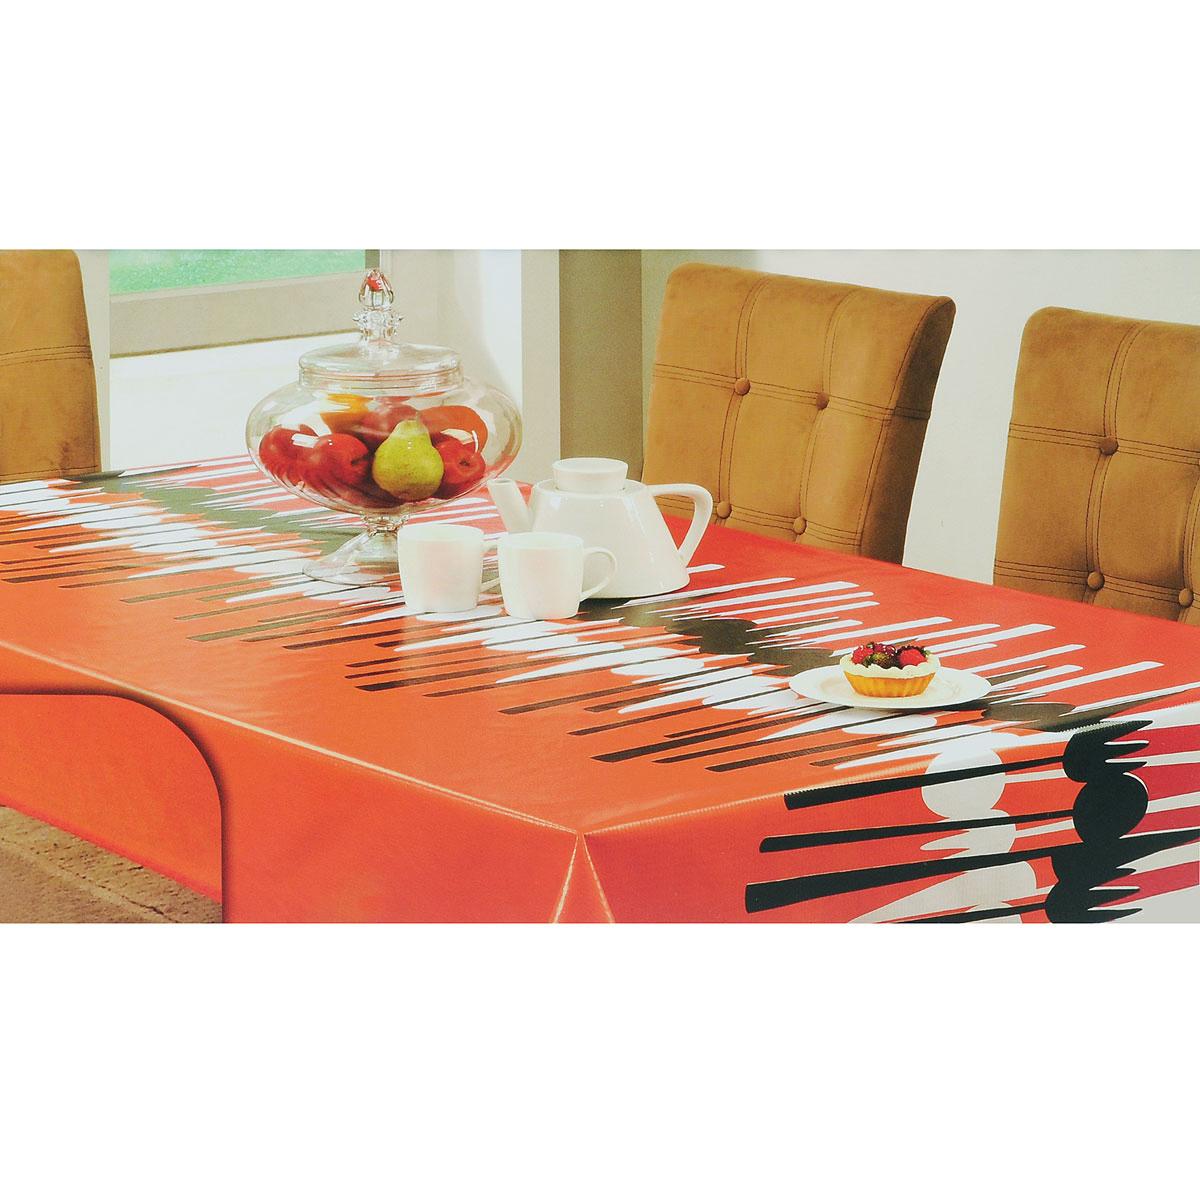 Скатерть White Fox Осень, квадратная, цвет: красный, оранжевый, 152x 152 смVT-1520(SR)Квадратная скатерть White Fox Осень, выполненная из ПВХ с основой из флиса, предназначена для защиты стола от царапин, пятен и крошек. Край скатерти обработан тканью. Скатерть оформлена изображением столовых приборов, а рифлёная поверхность скатерти формирует приятные тактильные ощущения, при этом частички пищи удаляются с легкостью и поверхность остается всегда чистой. Скатерть термостойкая, выдерживает температуру до +70 °C.Скатерть White Fox проста в уходе - её можно протирать любыми моющими средствами при необходимости.Скатерть упакована в виниловый пакет с внутренним цветным вкладышем и подвесом в виде крючка.